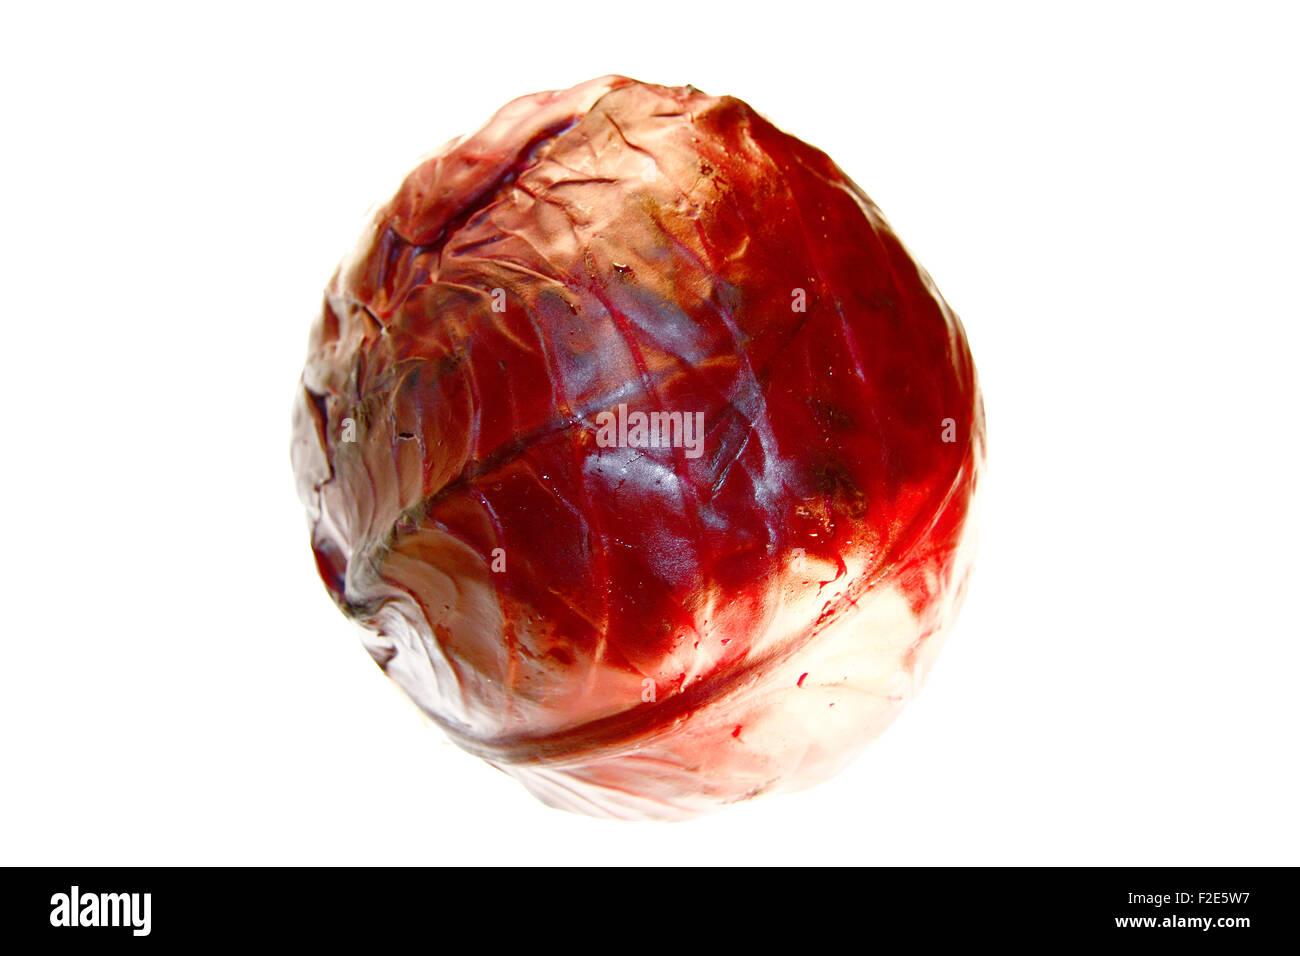 Rotkohl - Symbolbild Nahrungsmittel. - Stock Image